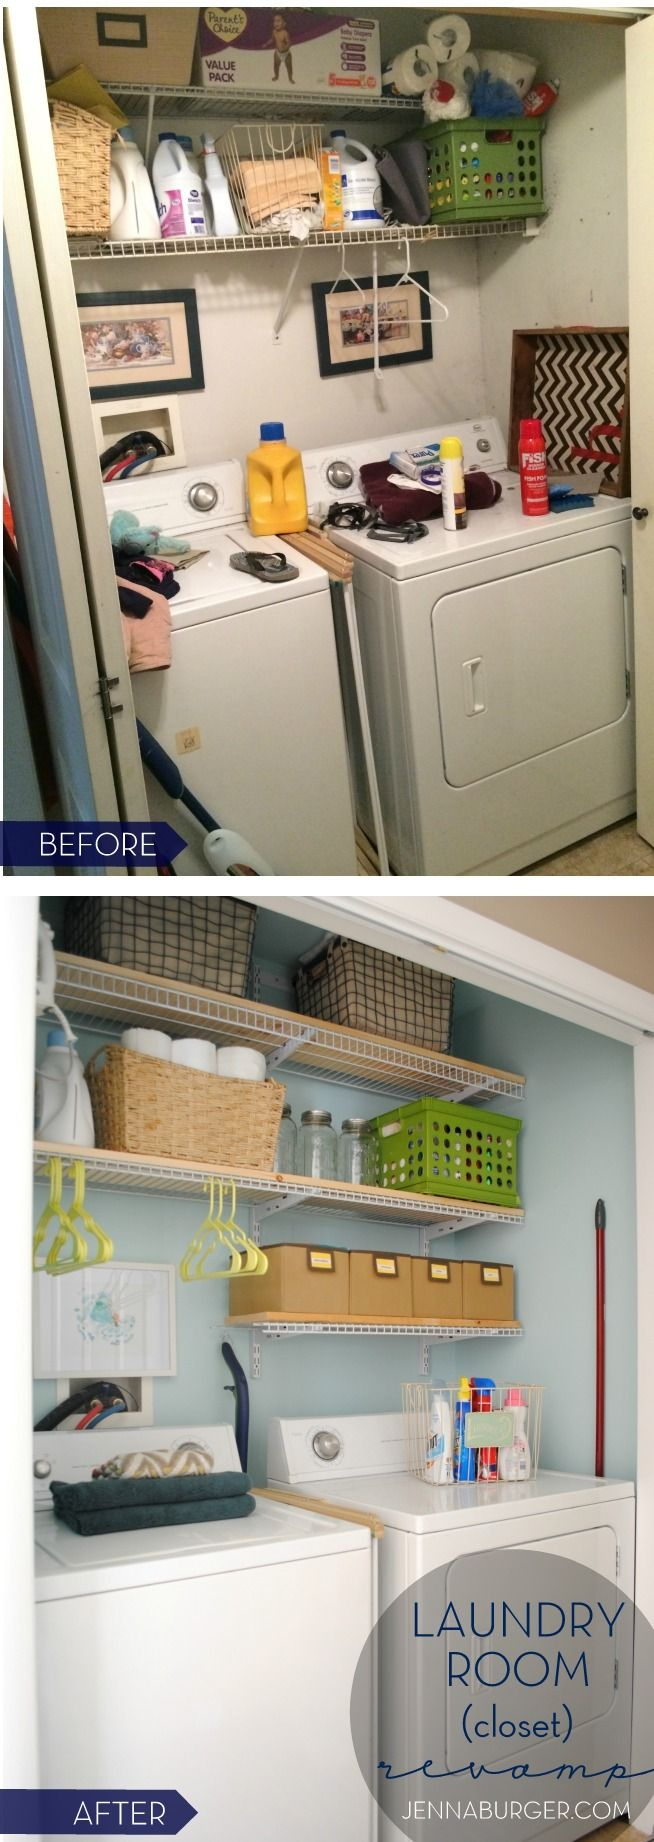 Best 25 Laundry shelves ideas on Pinterest Laundry room shelves